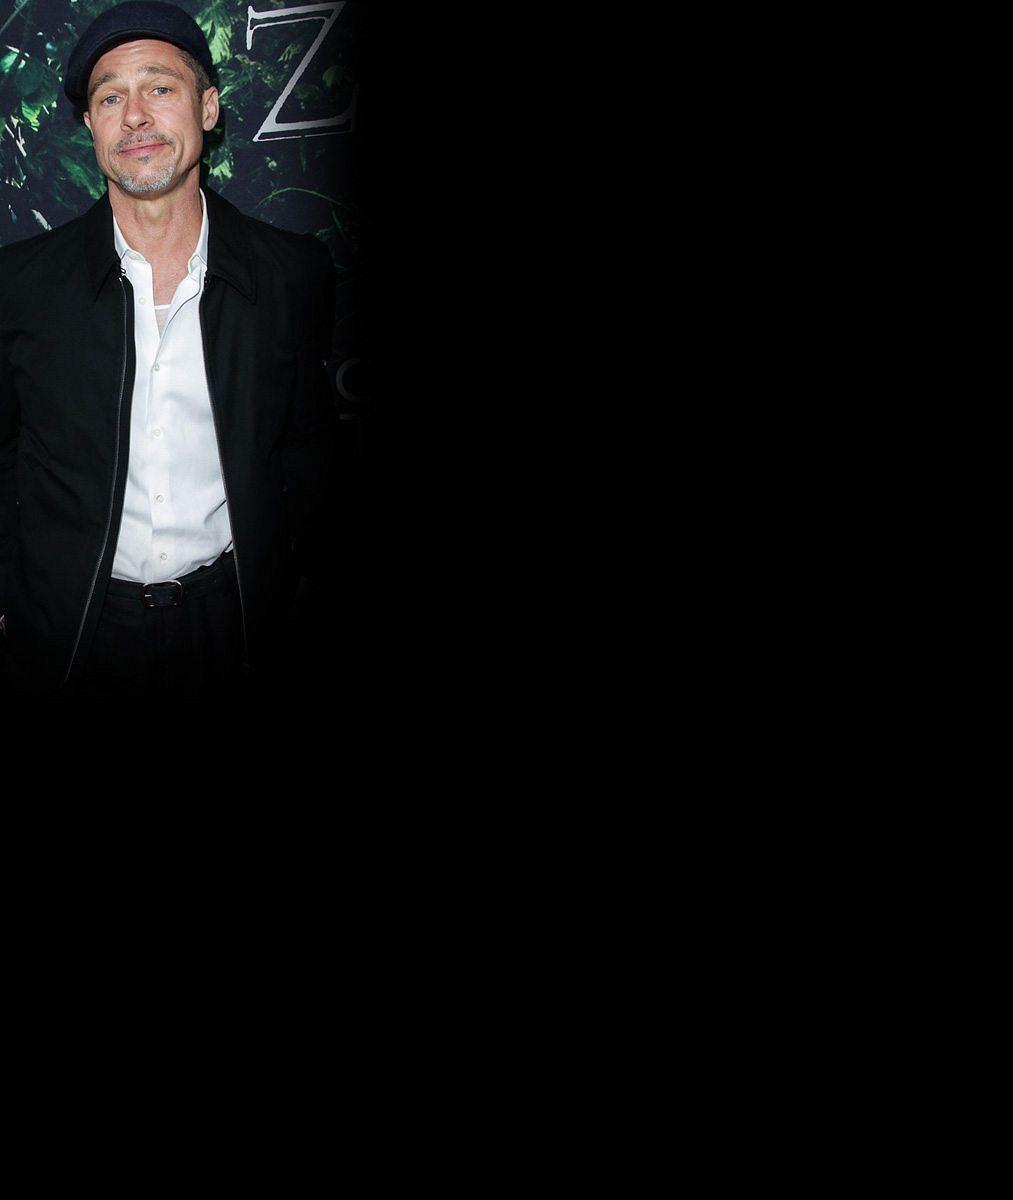 Pohublý a opuštěný Brad Pitt přišel na premiéru filmu, v němž si nakonec nezahrál